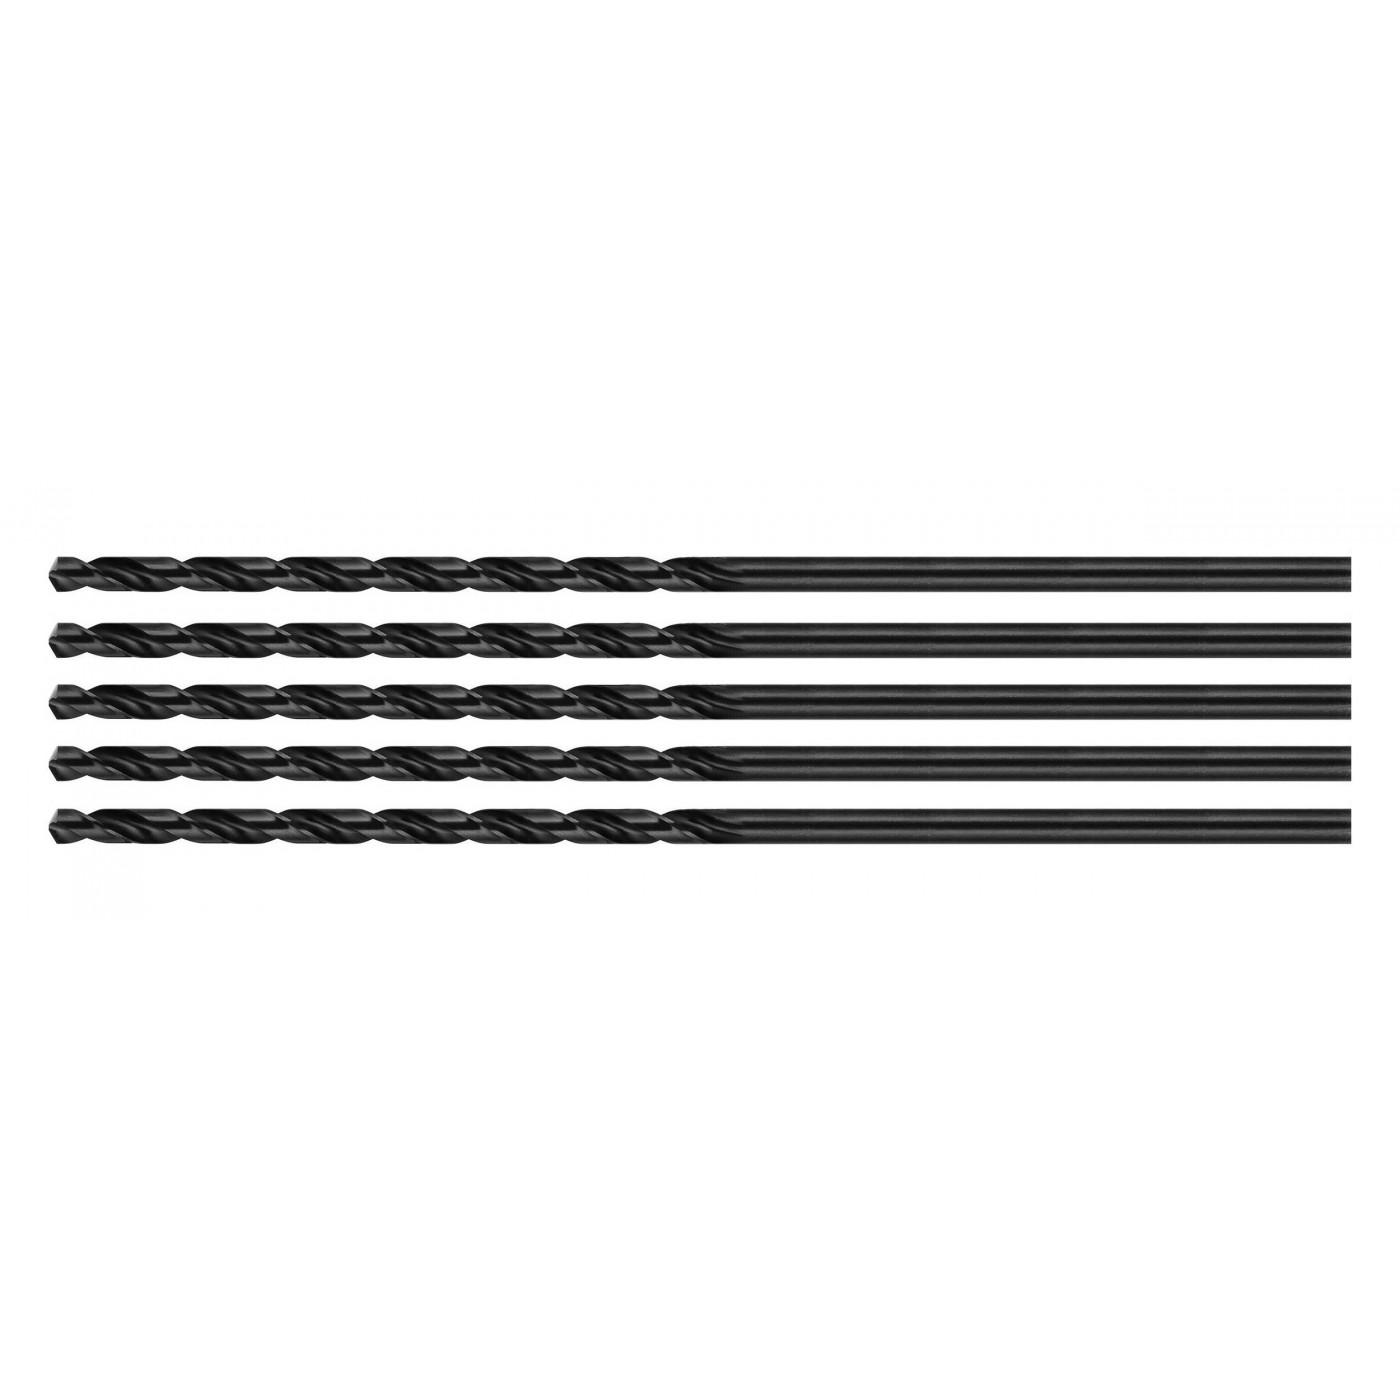 Set van 5 metaalboren (HSS, 3.2x200 mm)